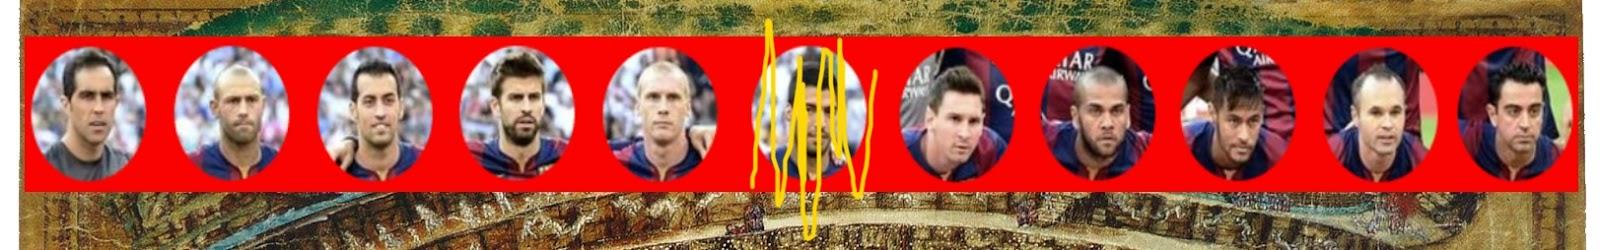 Detalle fotografías jugadores Barcelona.